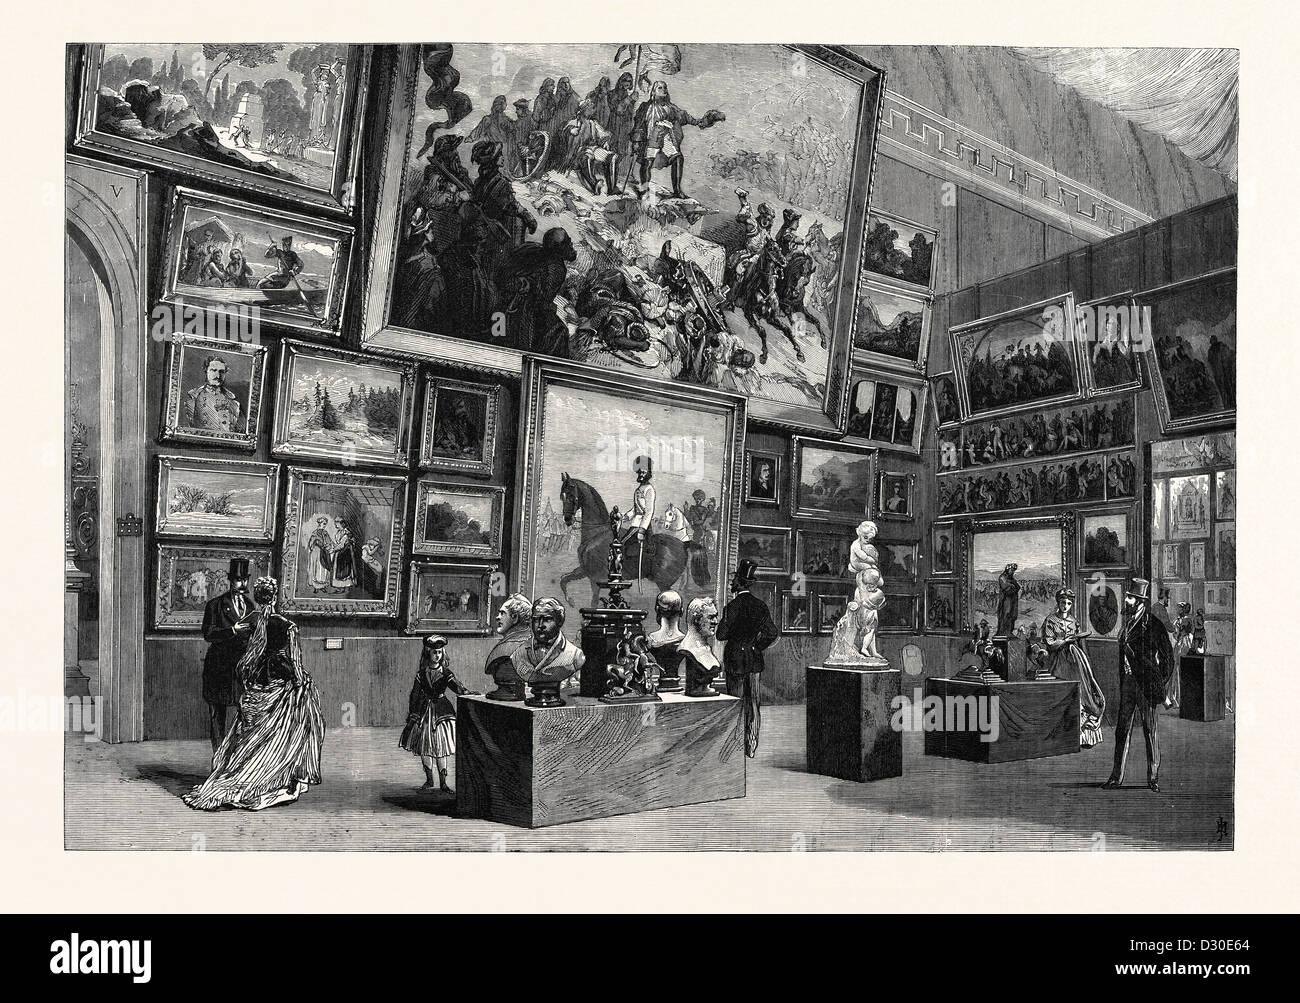 Salon DES BEAUX ARTS DANS LA SECTION AUTRICHIENNE DE L'EXPOSITION INTERNATIONALE DE PARIS FRANCE 1867 Photo Stock